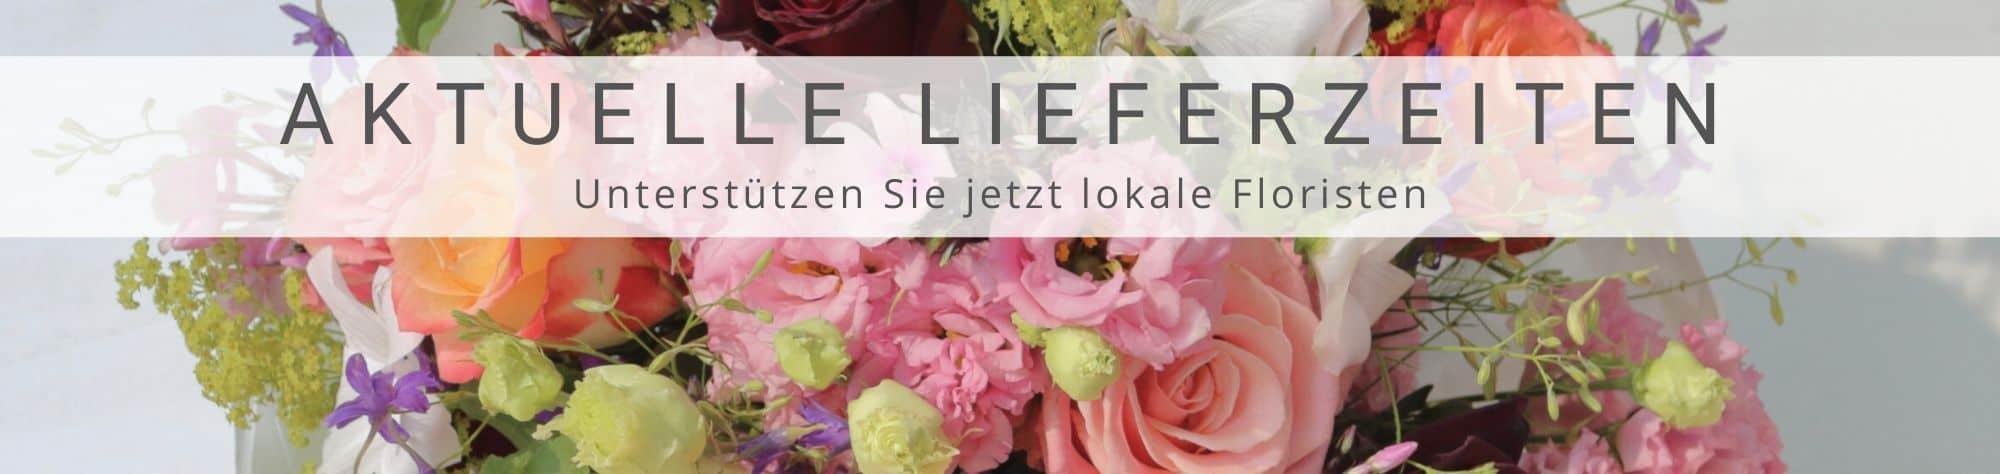 Lokale Blumenlieferung - Blumen verschicken Floristen vor Ort